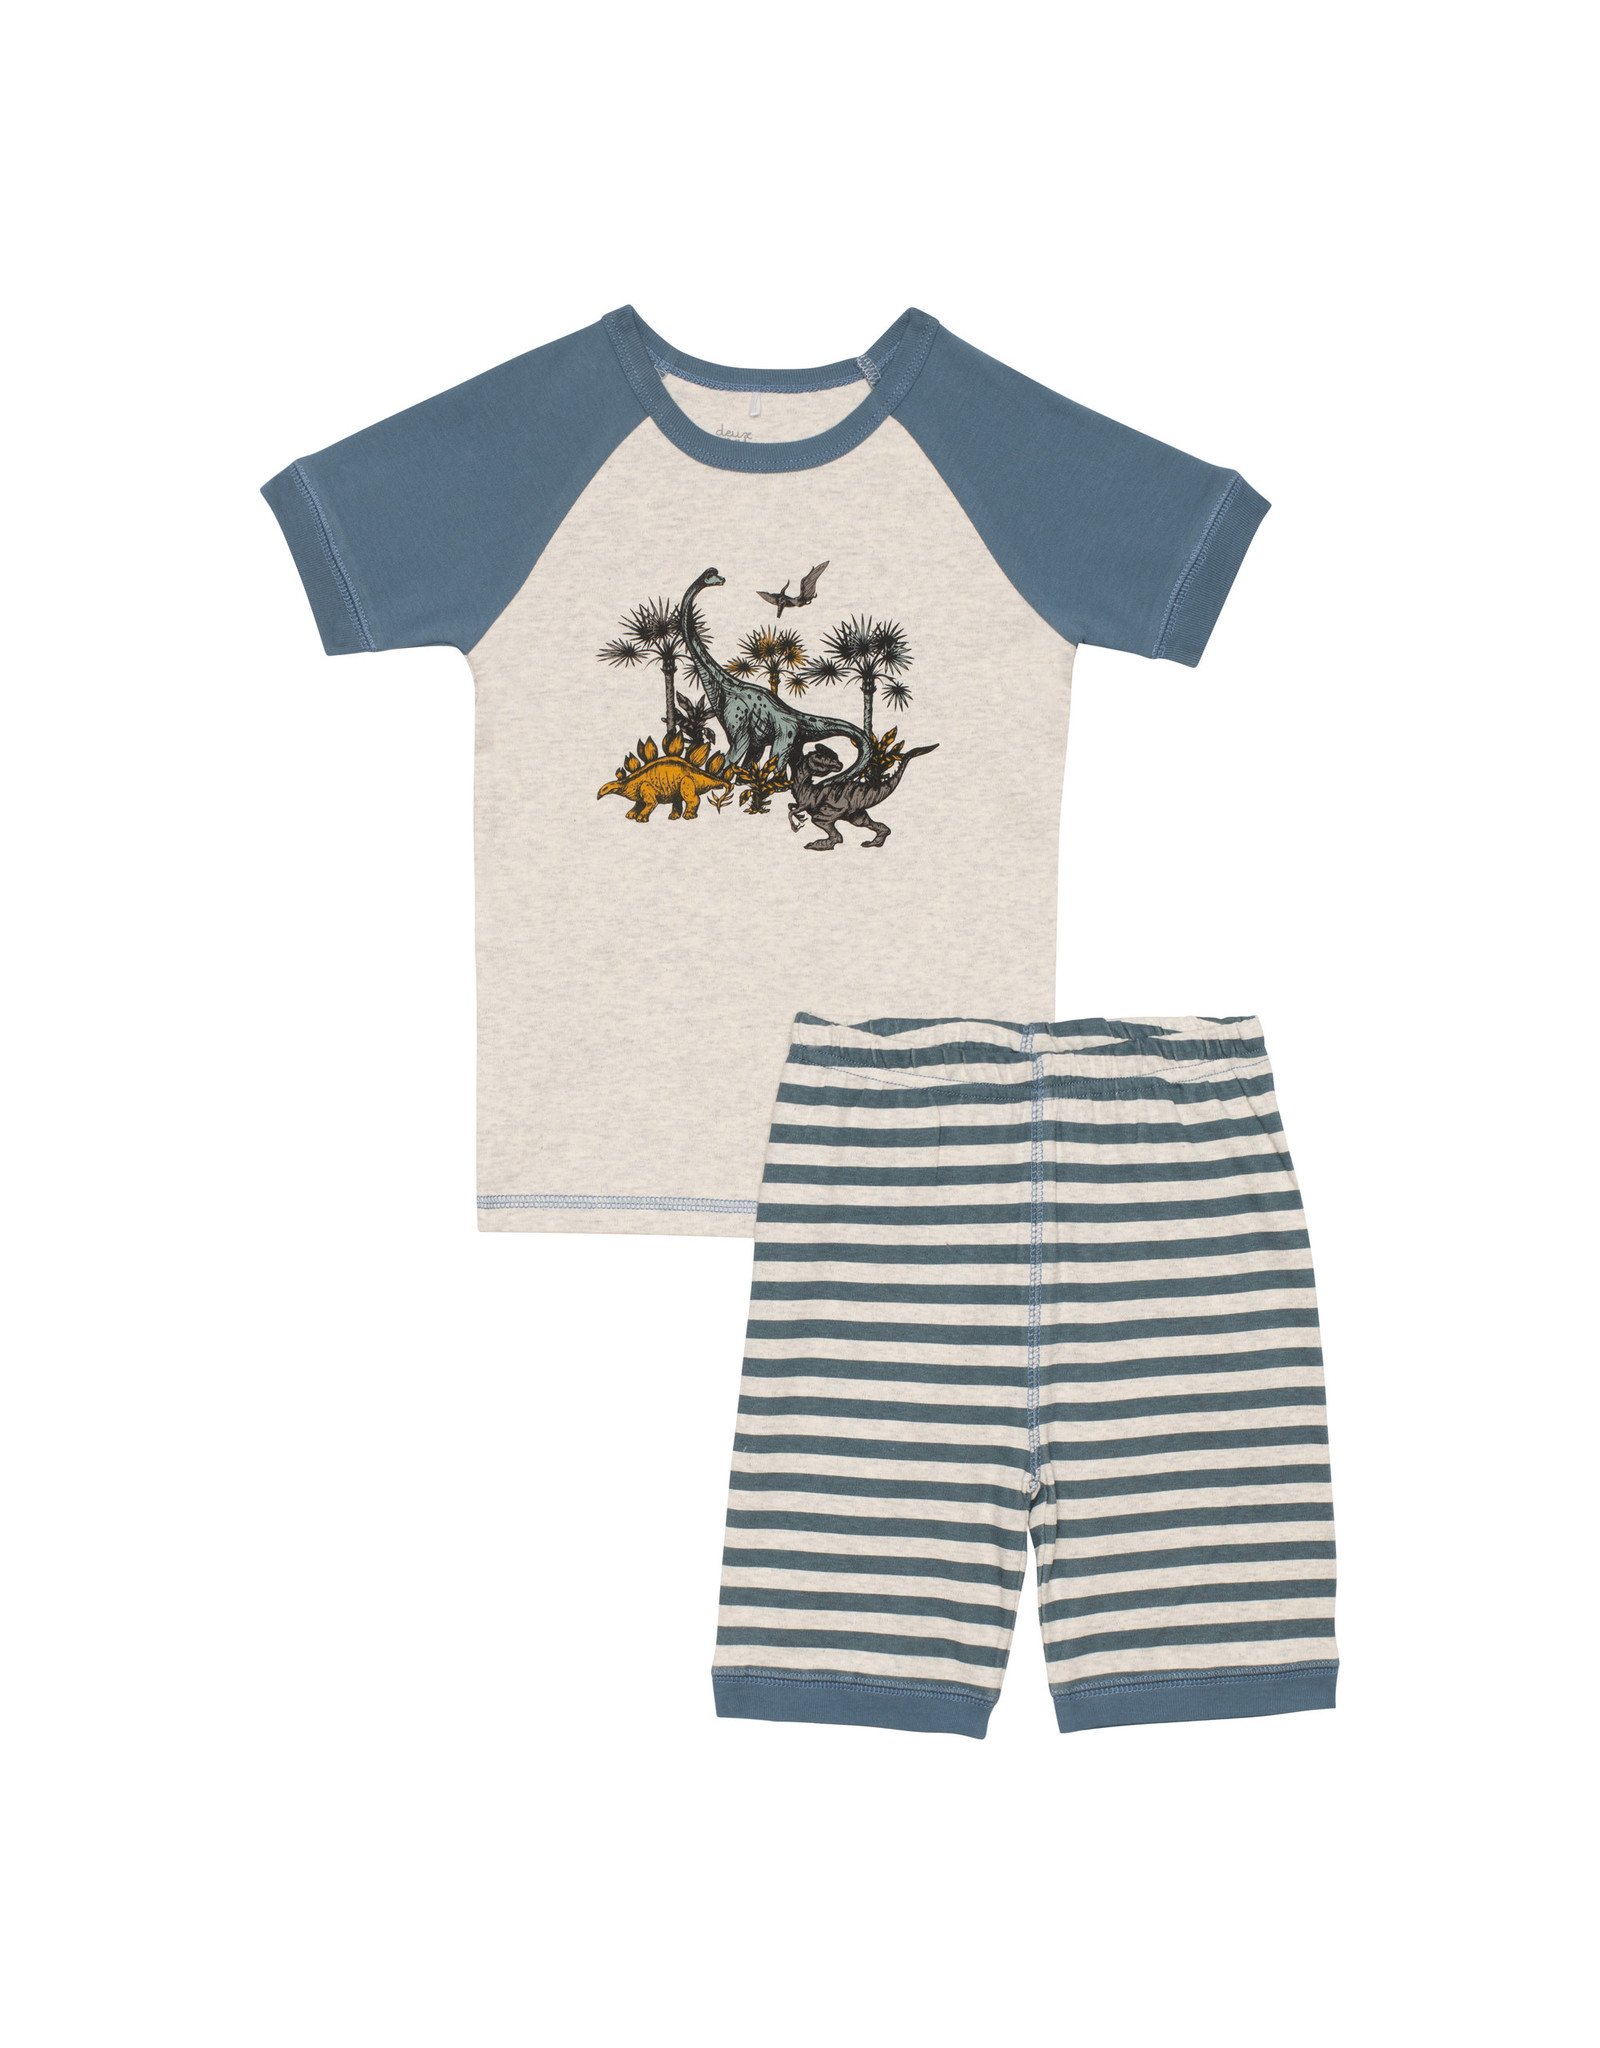 Deux Par Deux Two Pieces Pajama Set - Dinosaur